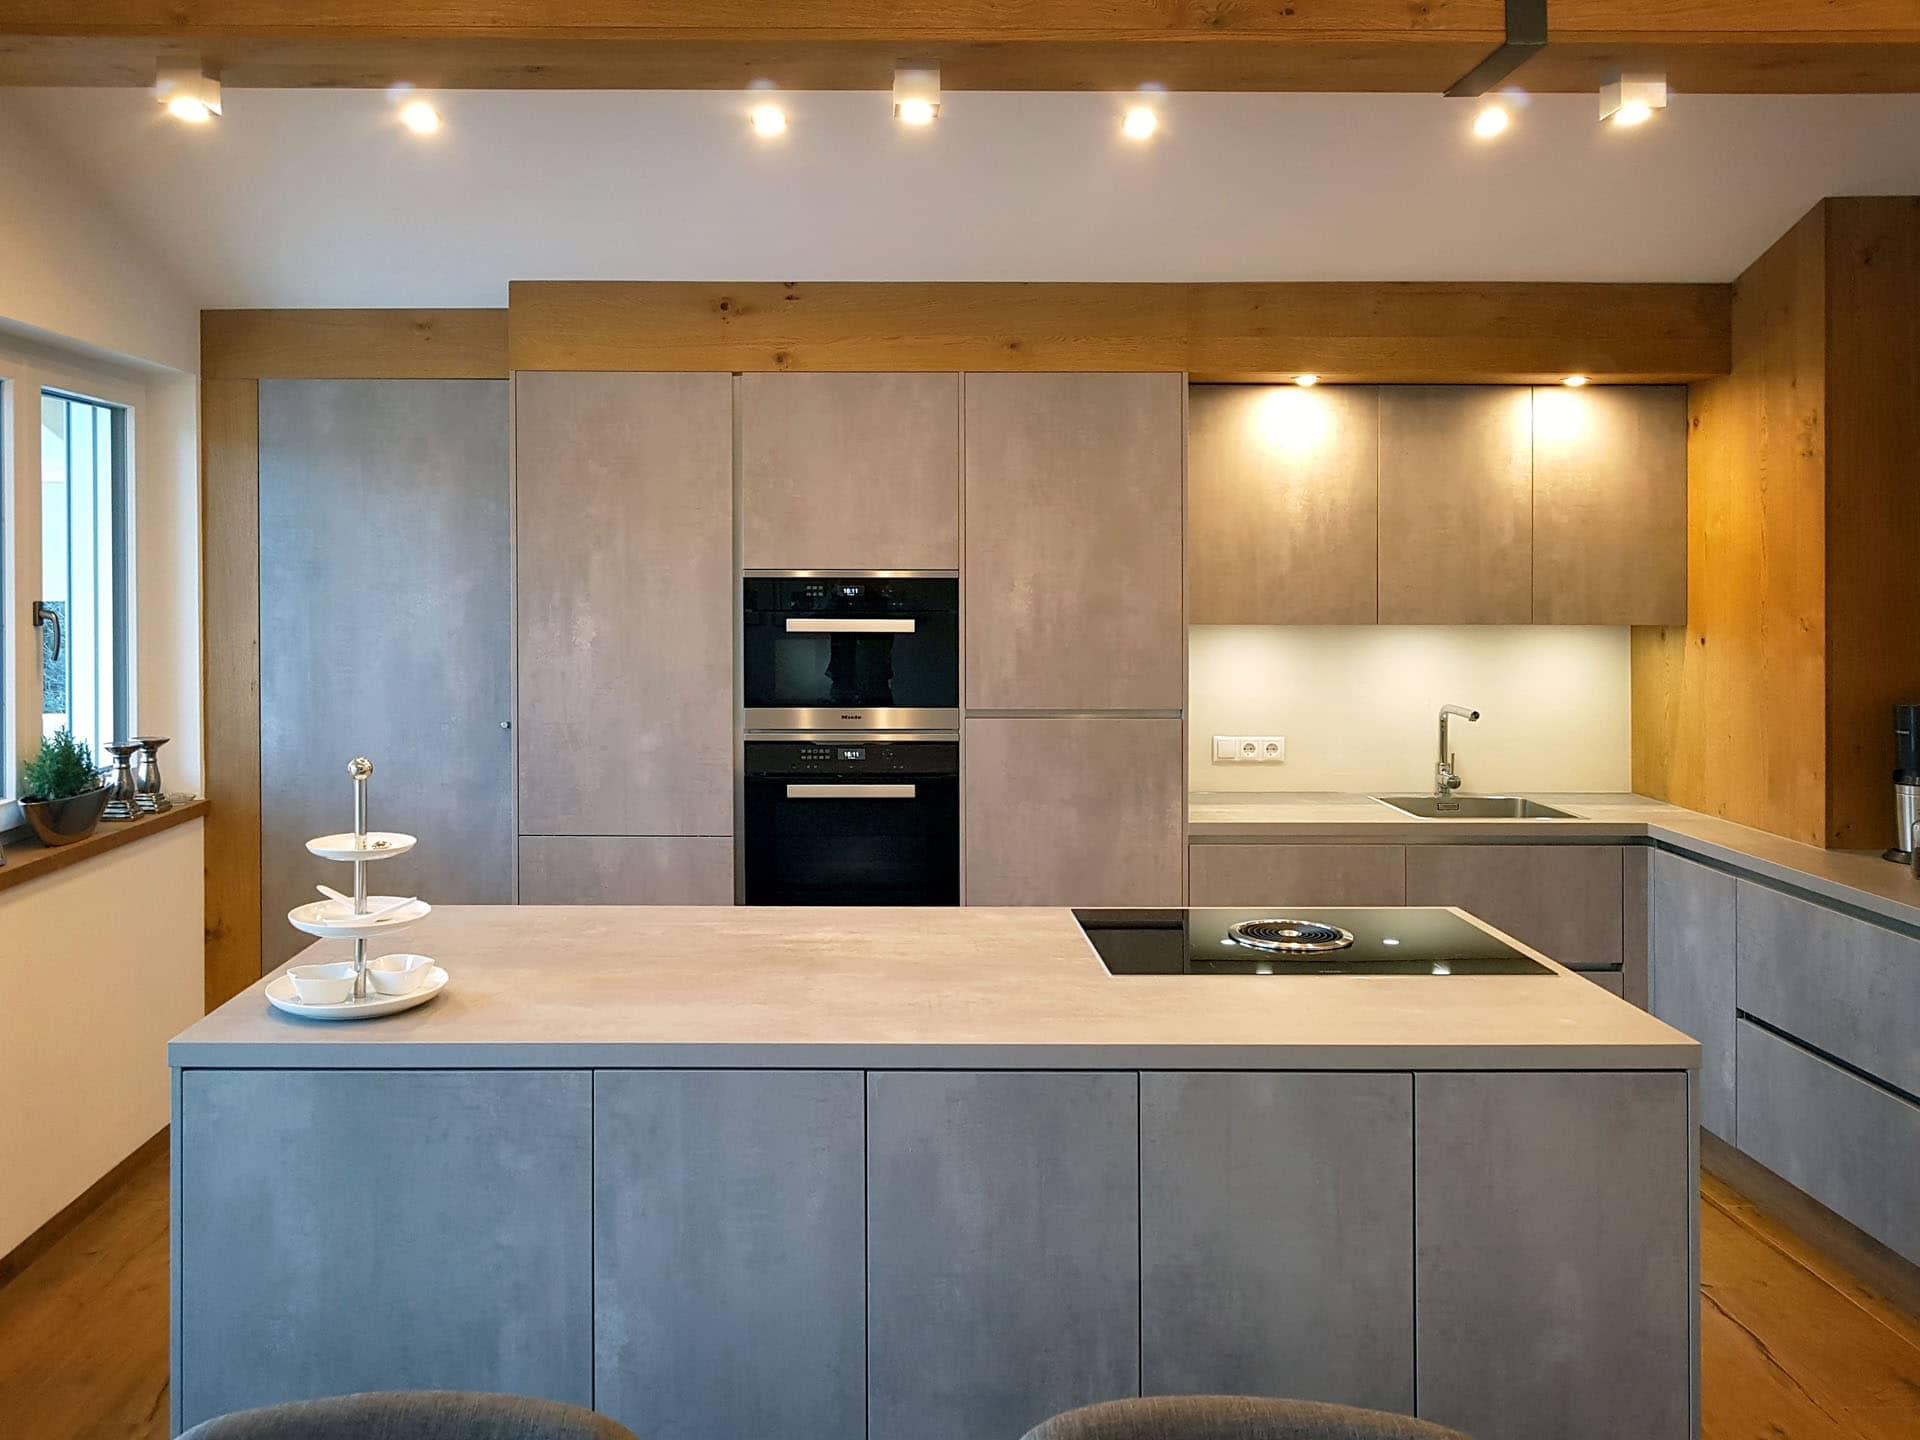 Holz Betonoptik Küche | Massivholz Küchen Arbeitsplatte ...